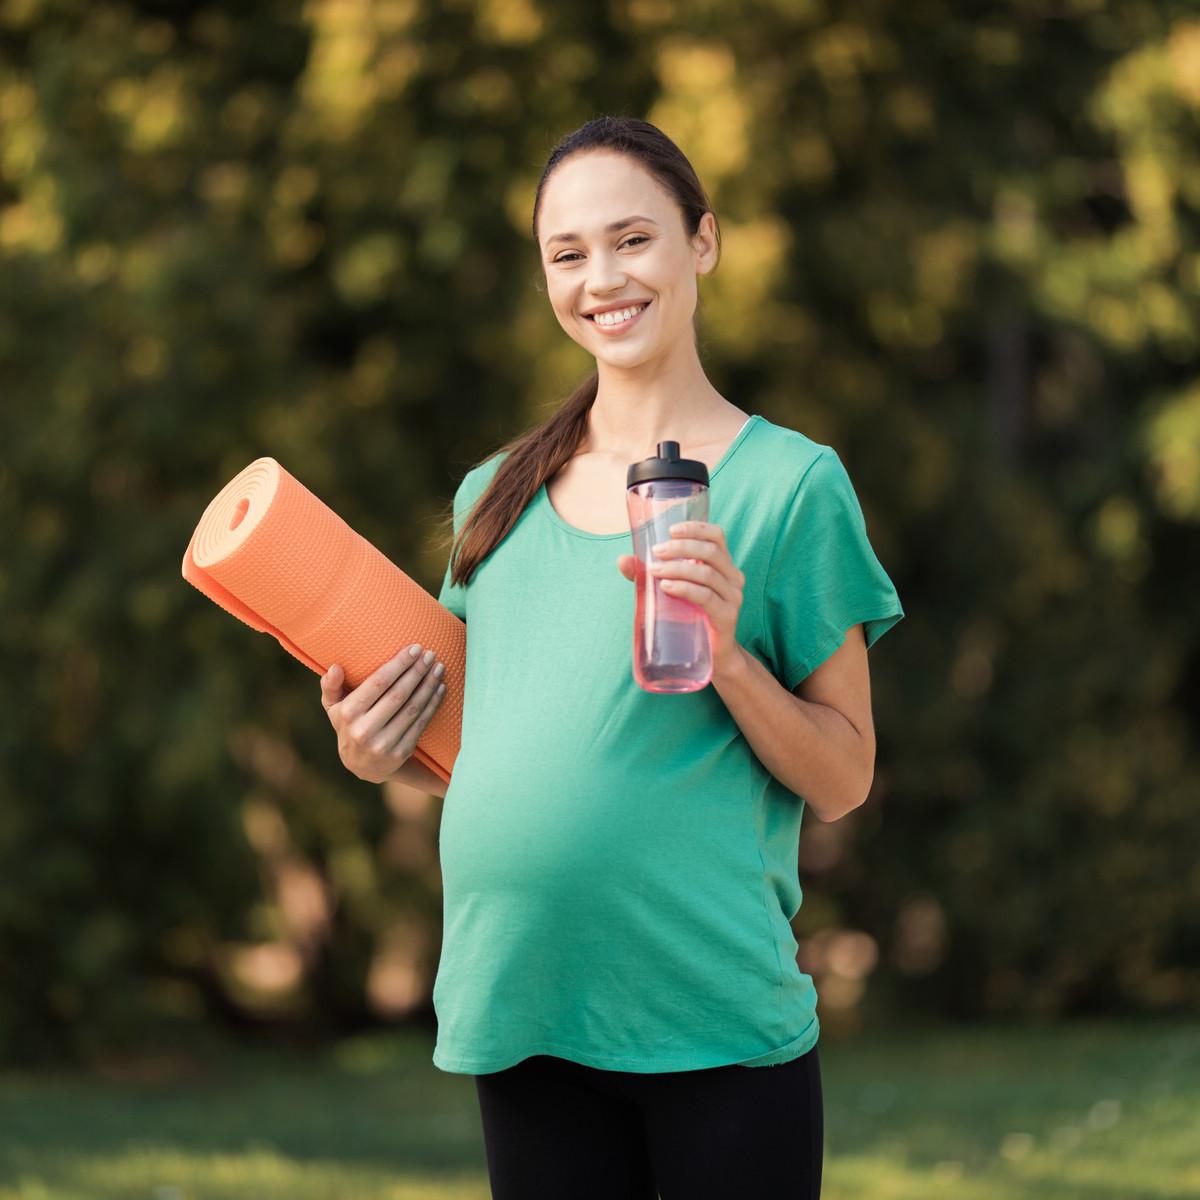 تمارين لتسهيل الولادة الطبيعية للبكر - تمرين المشي